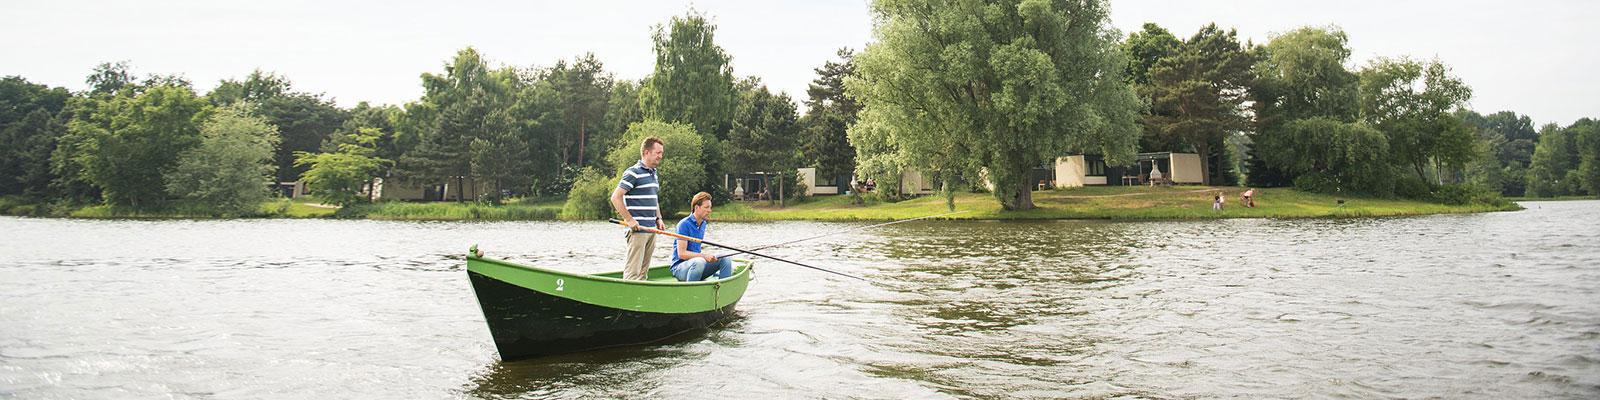 Ferienpark Dalen, Drenthe, Niederlände